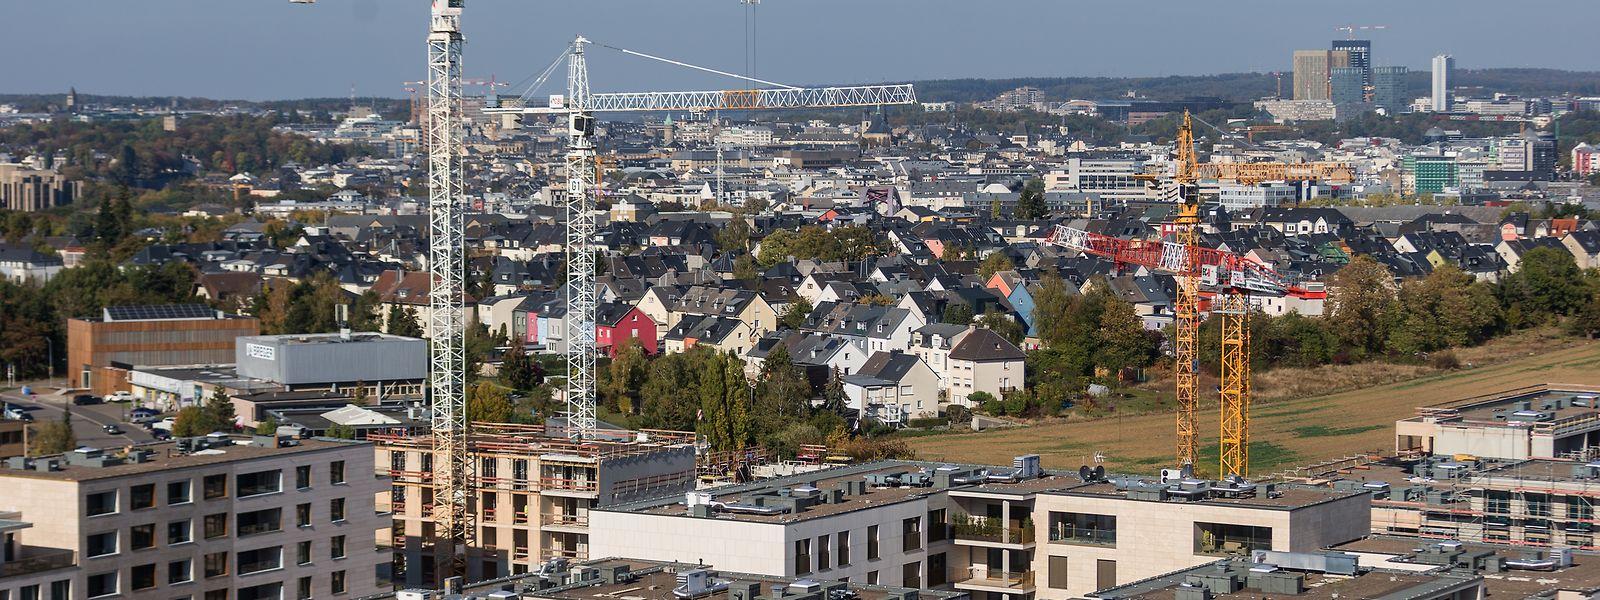 Luxemburg muss Maßnahmen ergreifen, um seine Wohnungsnot in den Griff zu bekommen.